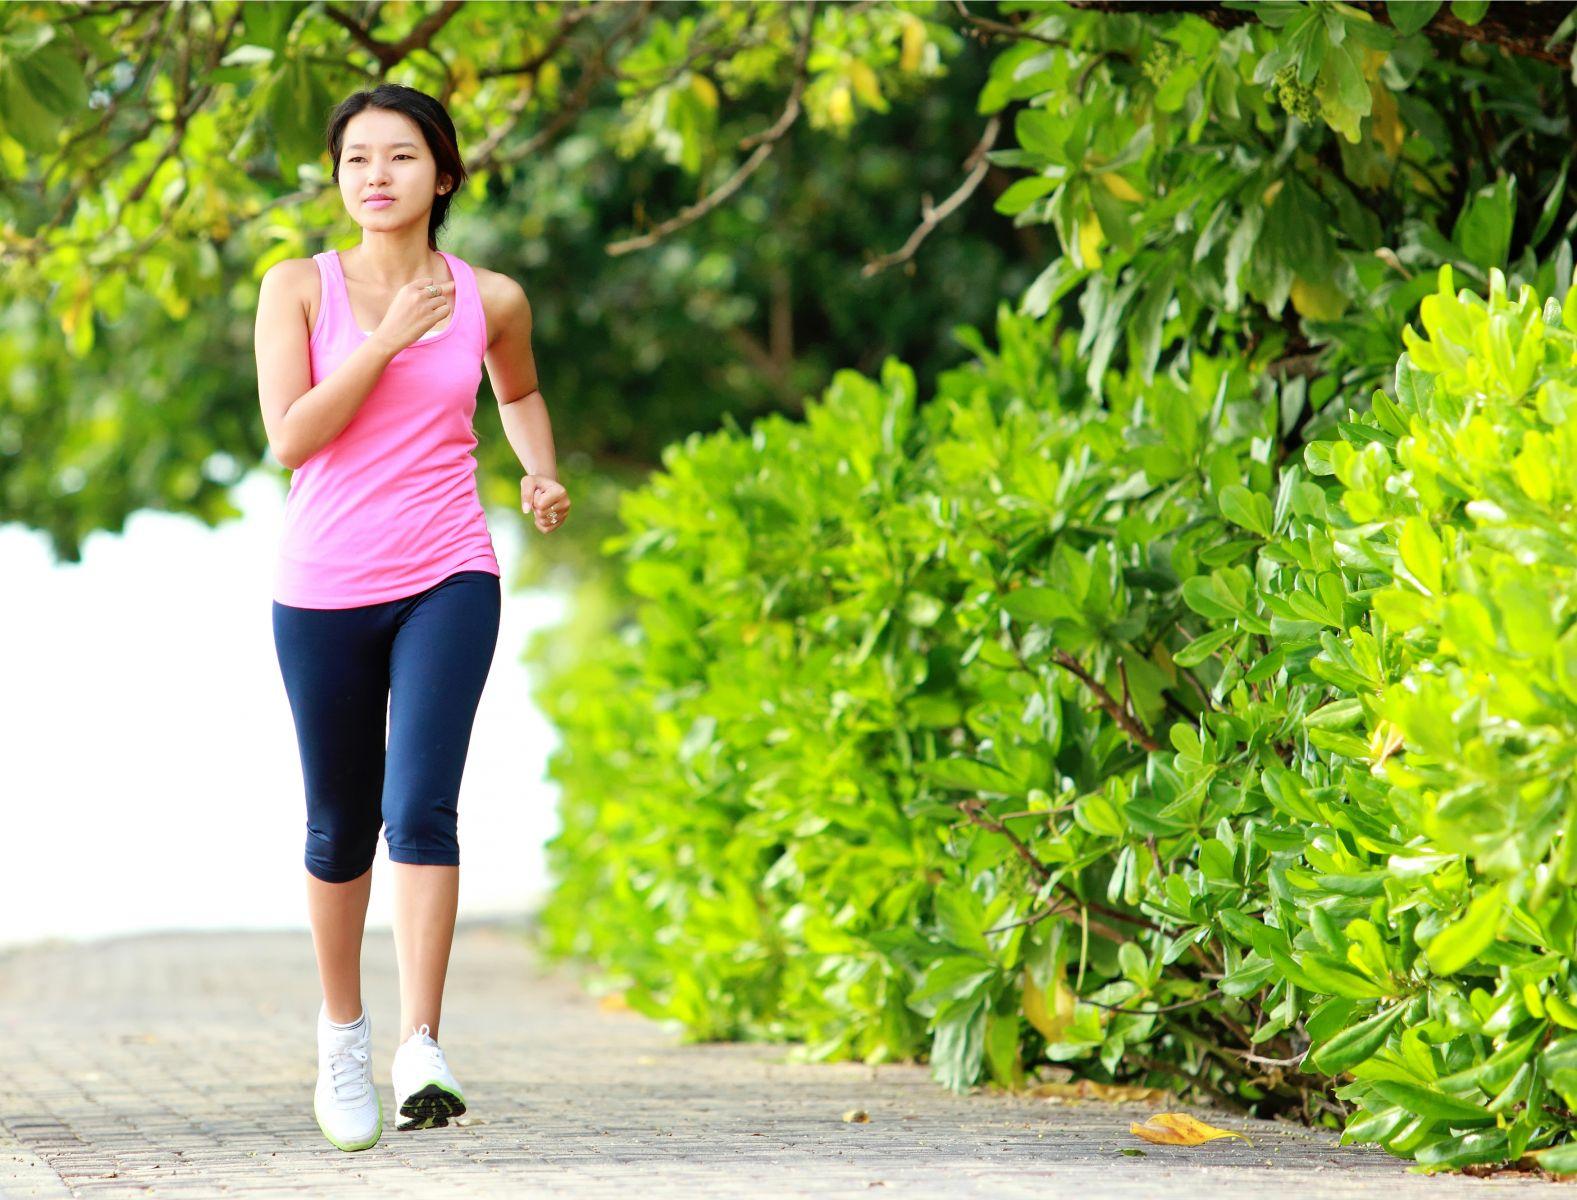 50歲以後,女性最易骨質疏鬆!這3招預防最有力,輕鬆遠離骨衰老不失能!